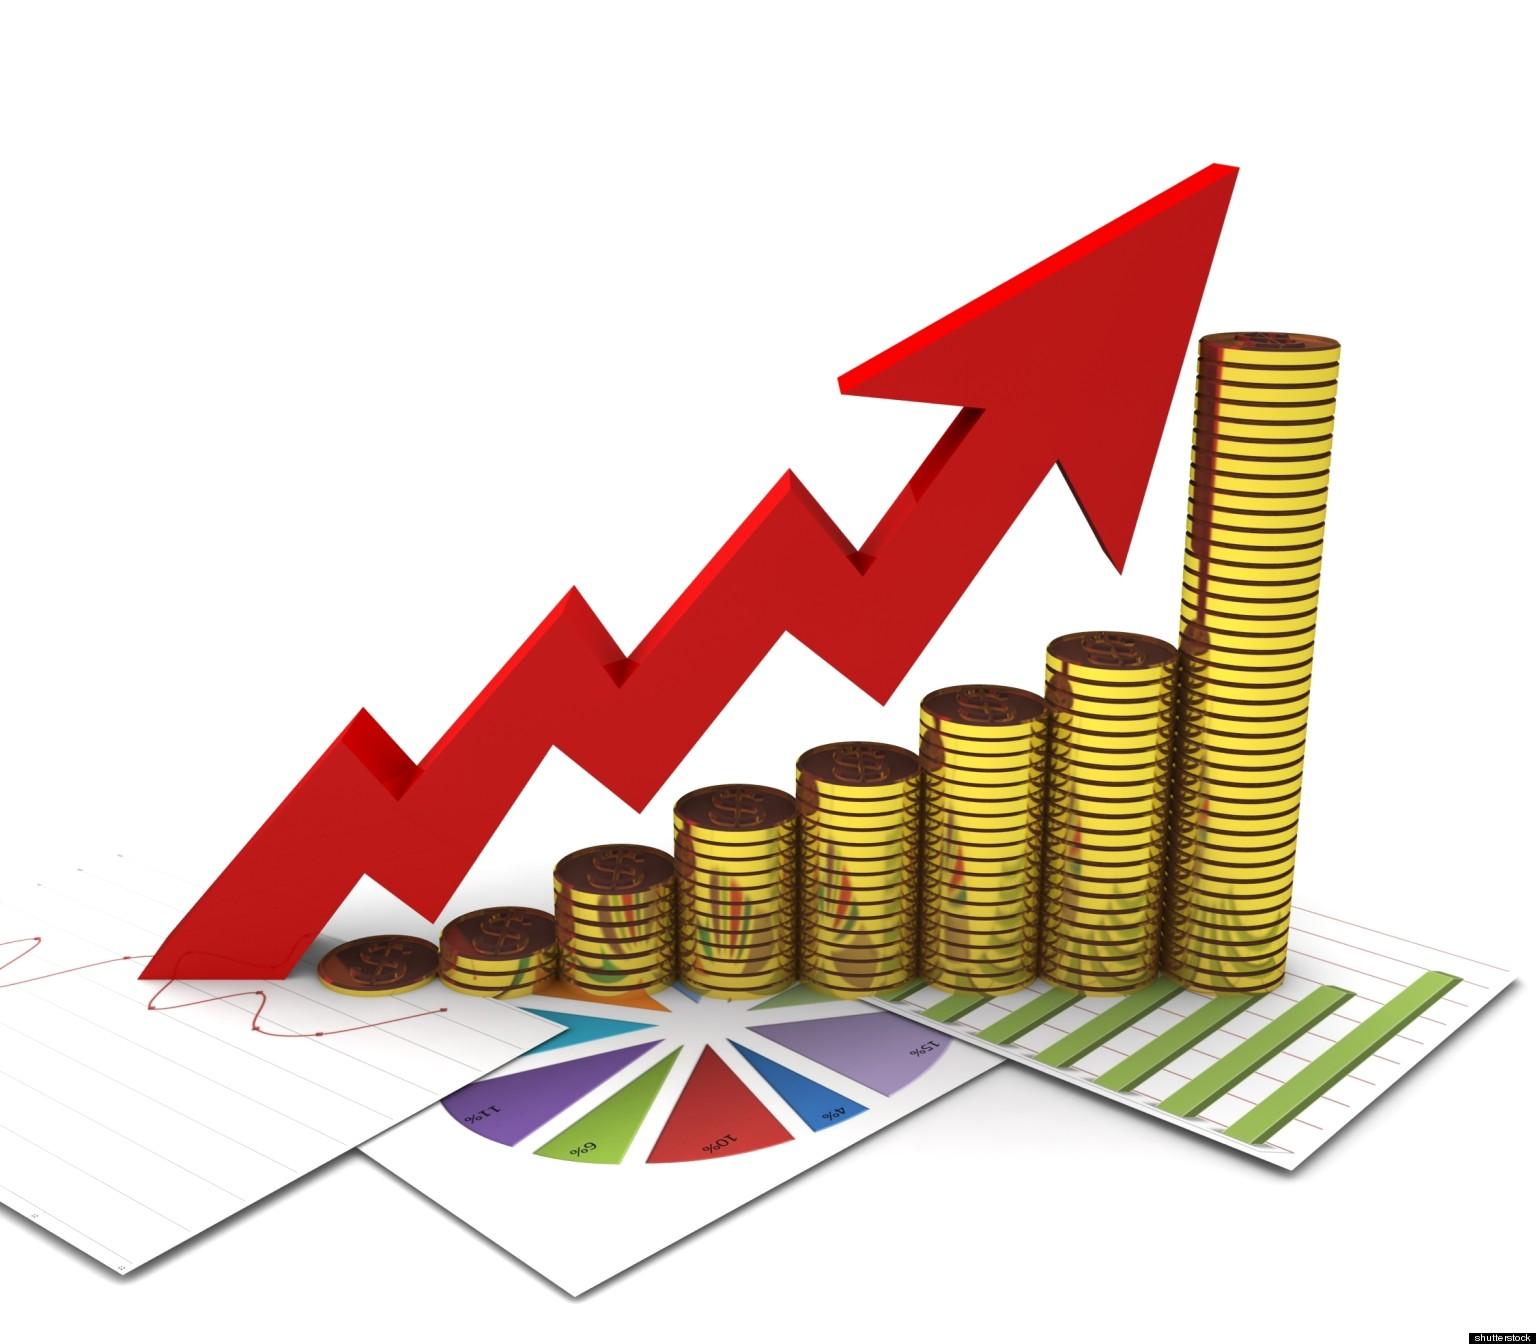 El mejor negocio para ganar dinero invertir en acciones